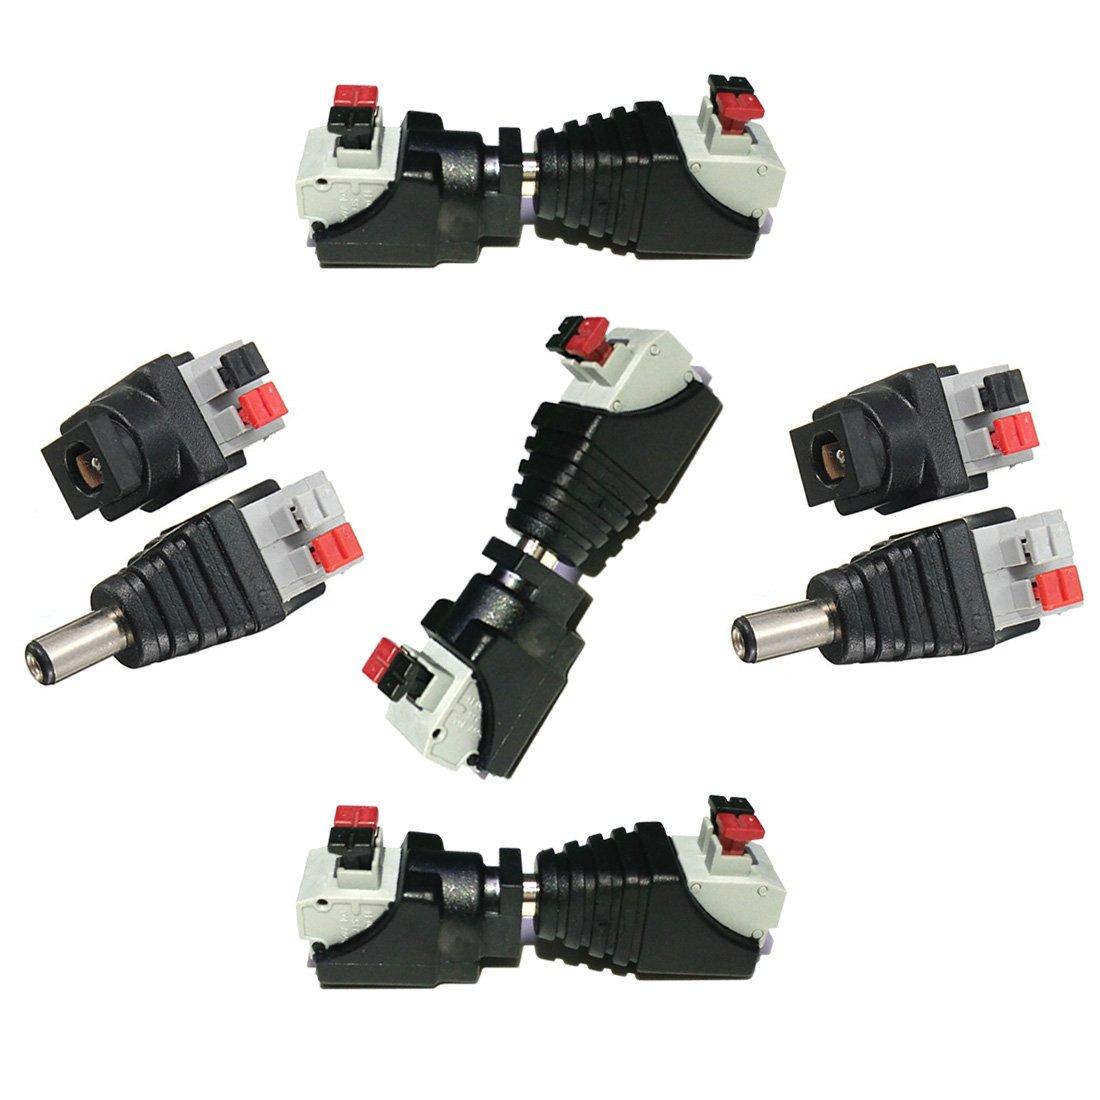 Liwinting 5 masculinos y 5 femenina de conector DC Power Jack & Conector sin tornillos Quick Wire Connector 5,5 mm x 2,1 mm DC para tiras LED de 12 V/24 V, Cá mara CCTV y má s Cámara CCTV y más ULC 11